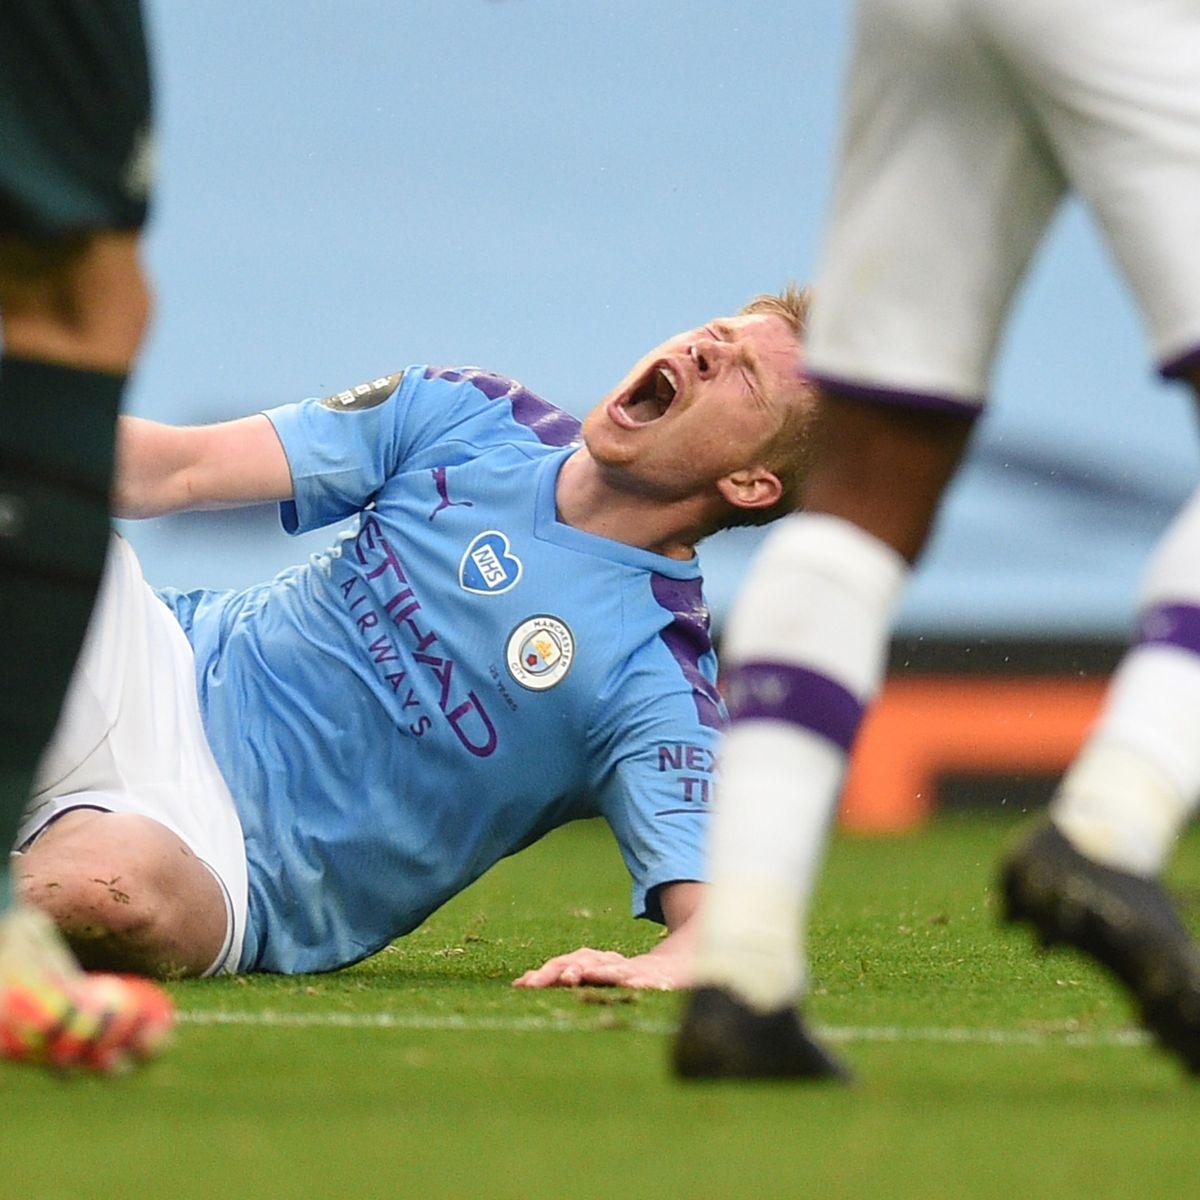 Chấn thương do thi đấu nhiều là cơn ác mộng của Man City và De Bruyne